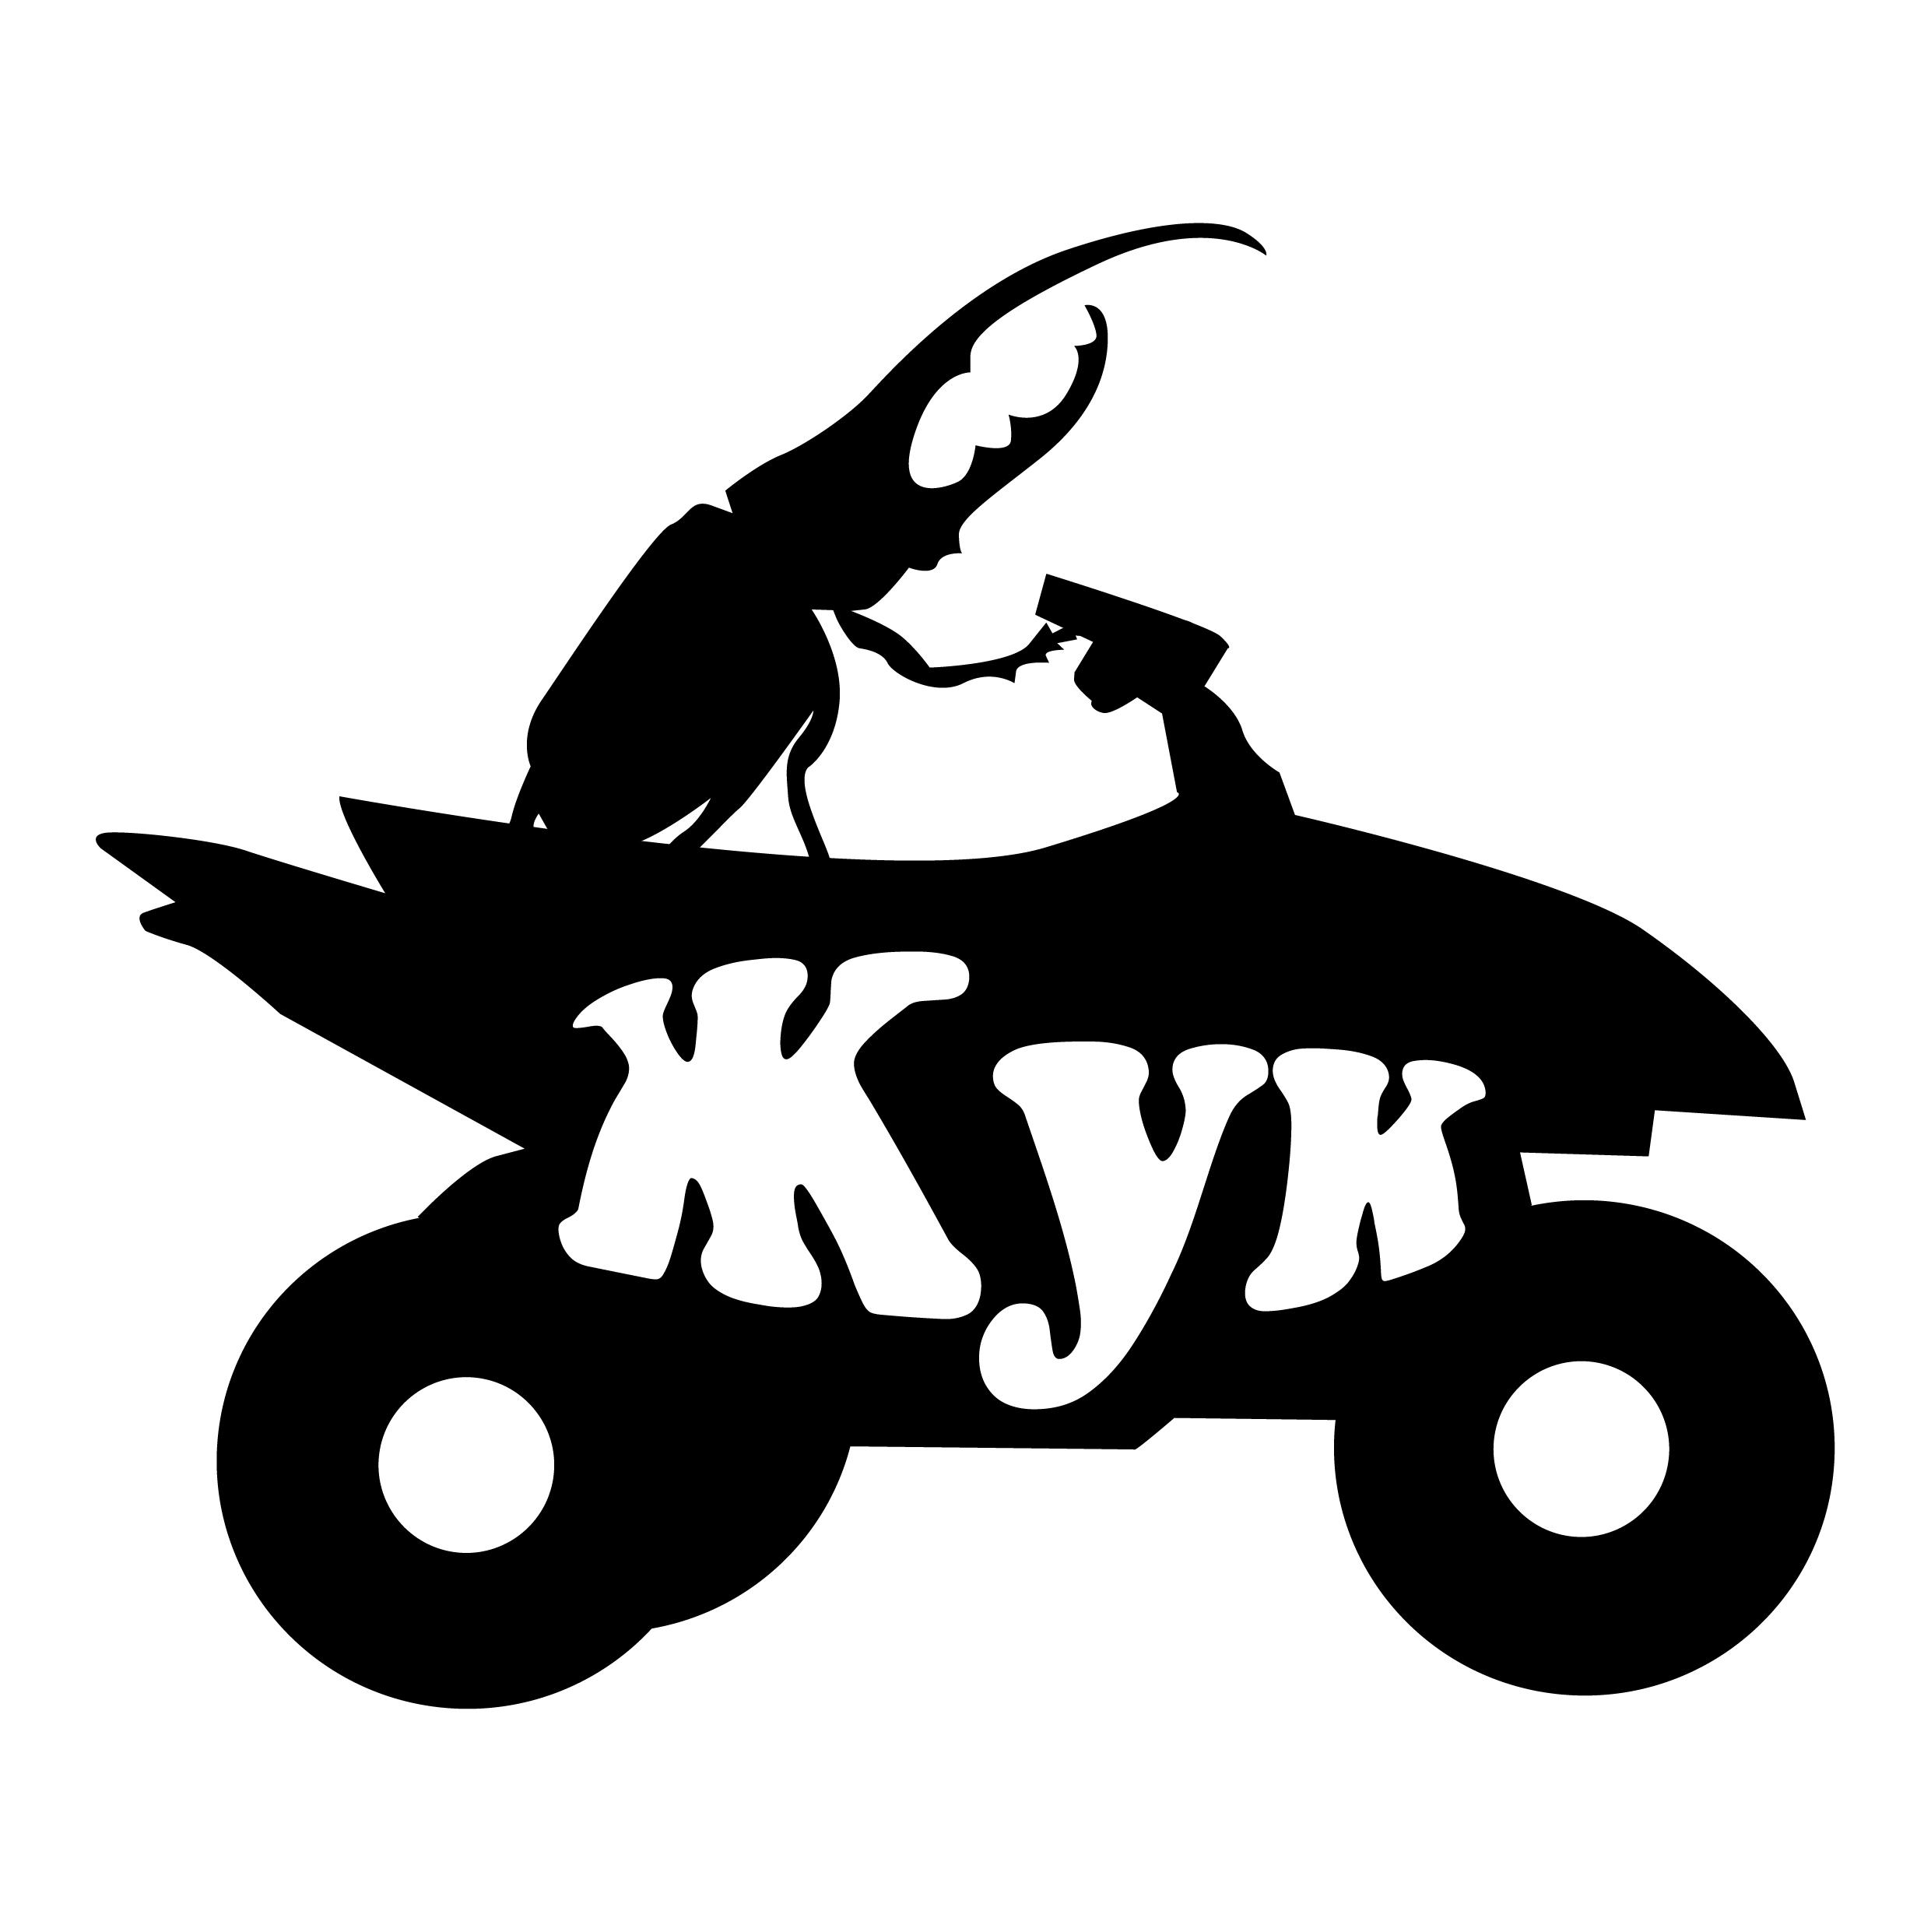 Нужен логотип (эмблема) для самодельного квадроцикла фото f_7795afc0a17d1257.jpg